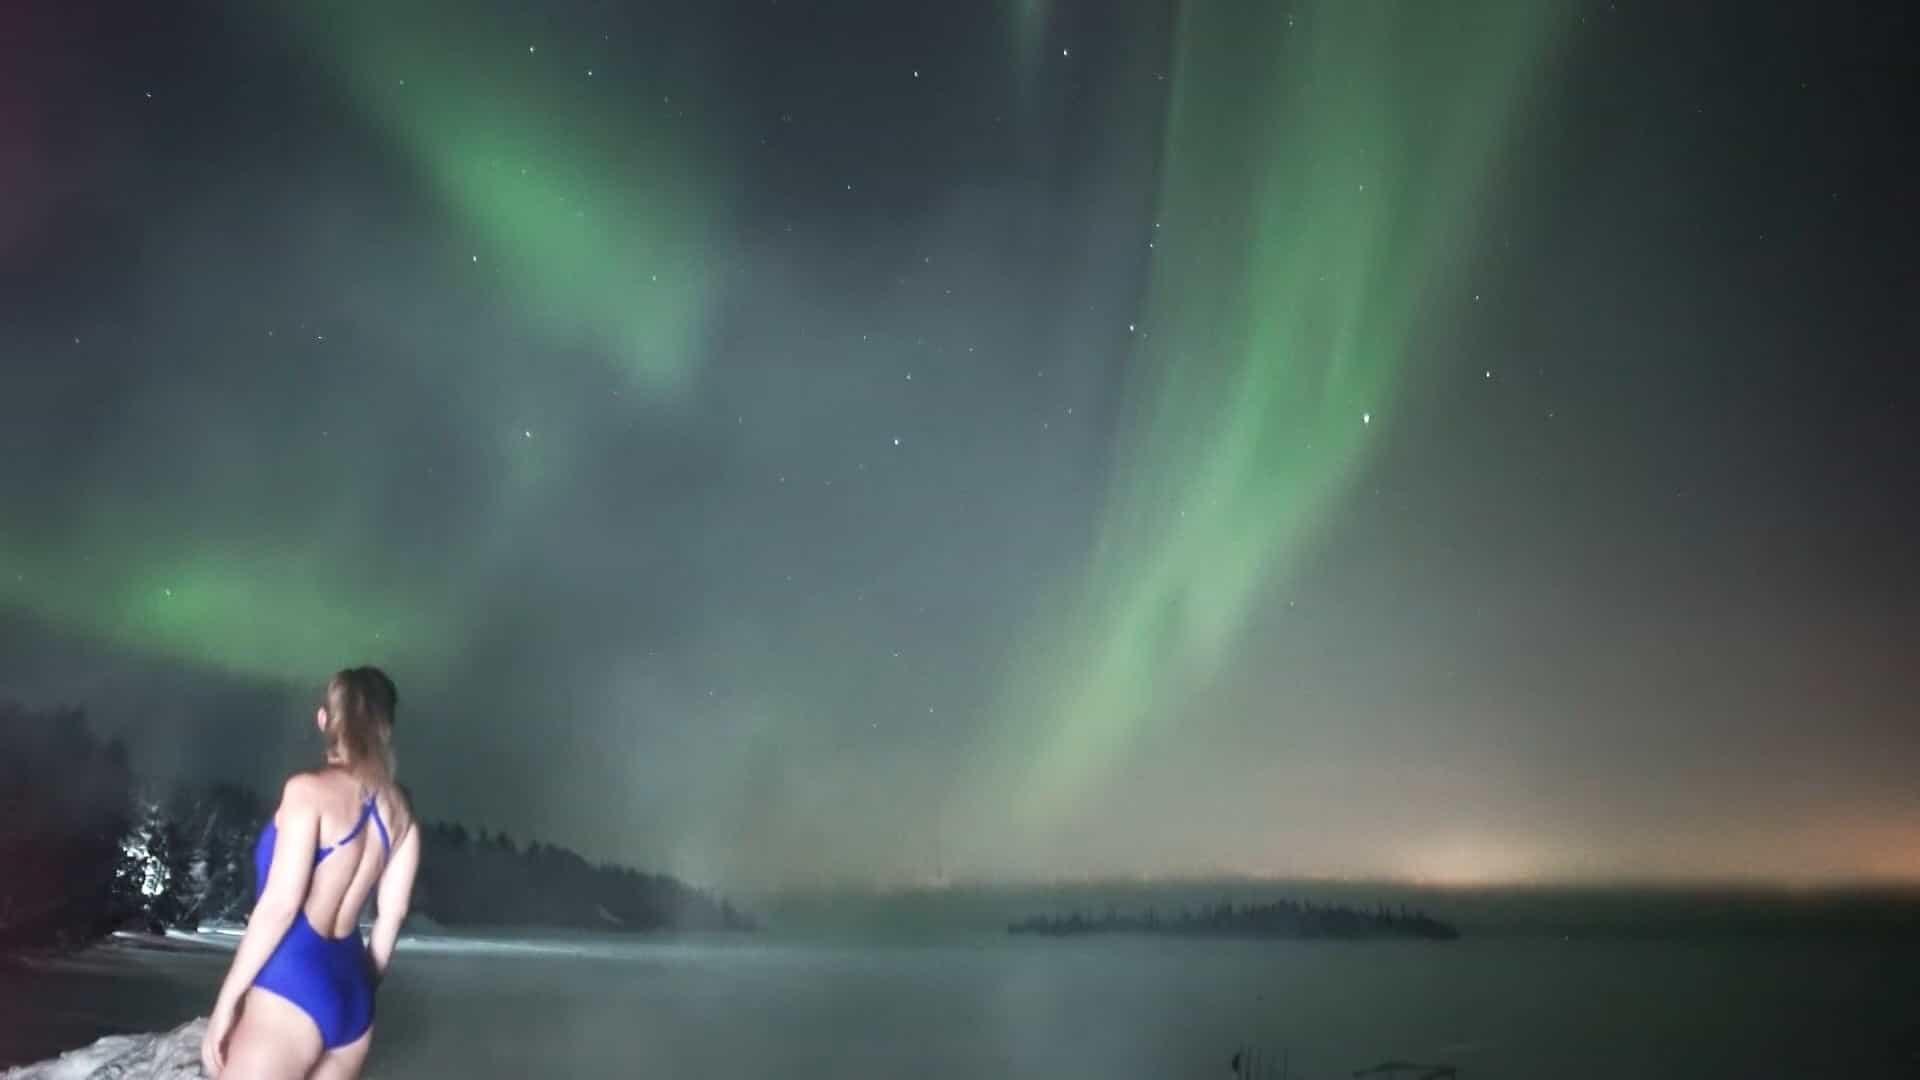 Veja o vídeo de uma aurora boreal de perder o fôlego